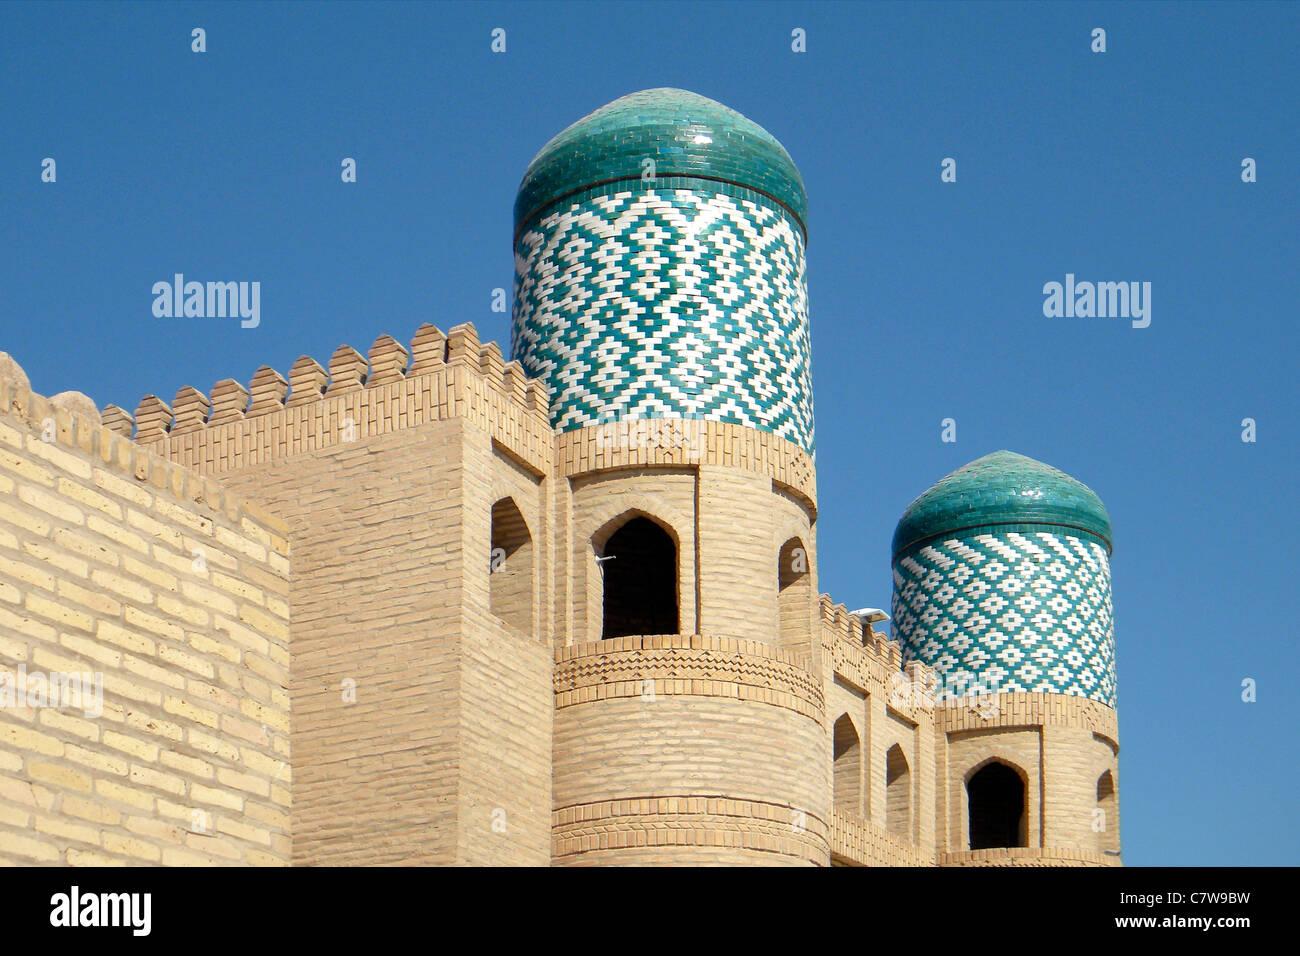 Uzbekistan, old town of Khiva, Allakuli madrassa - Stock Image